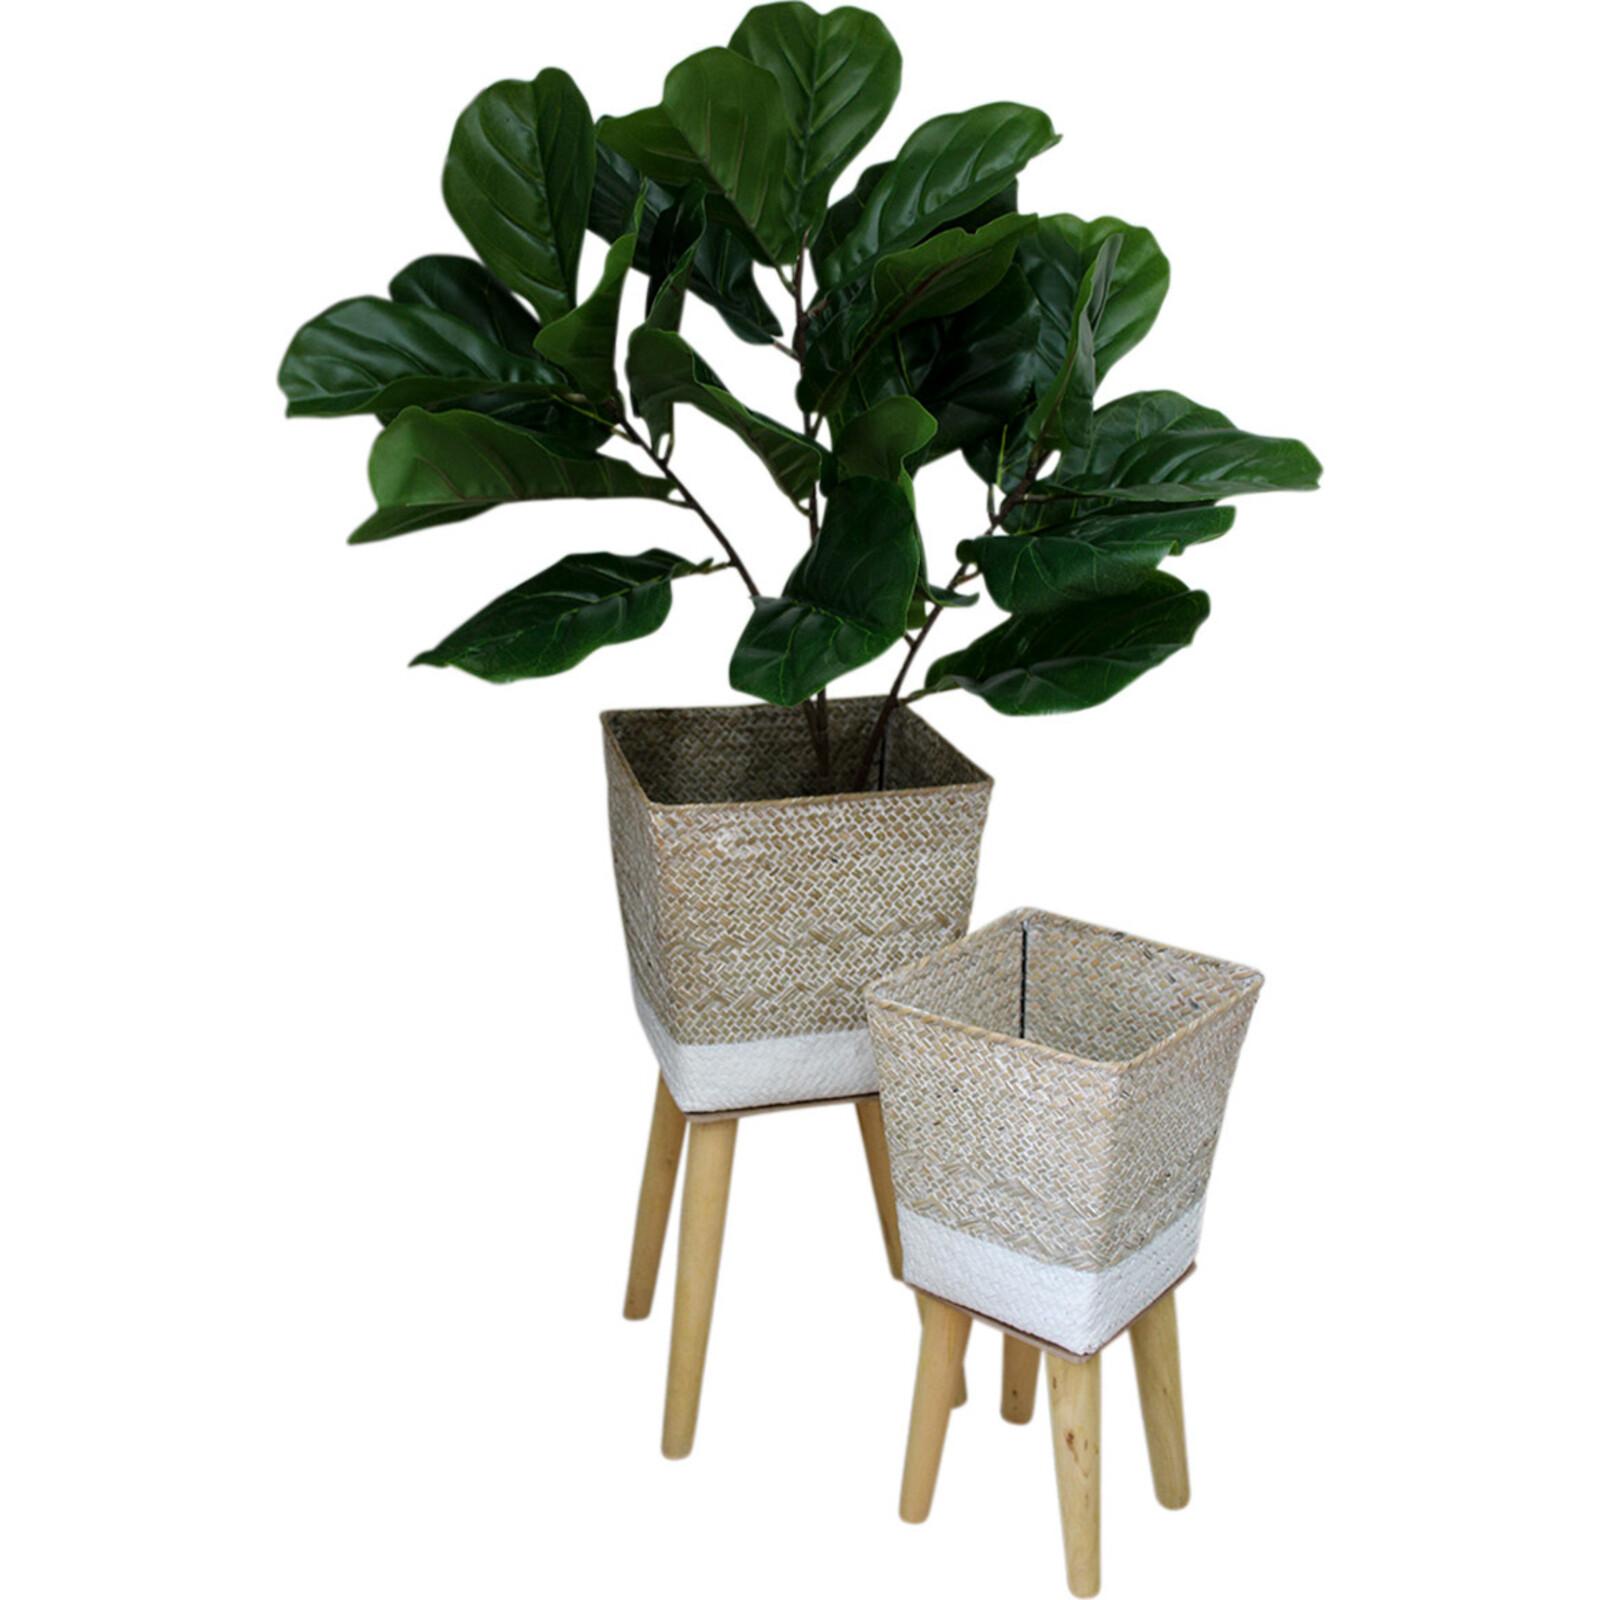 Planter S/2 Wash/White